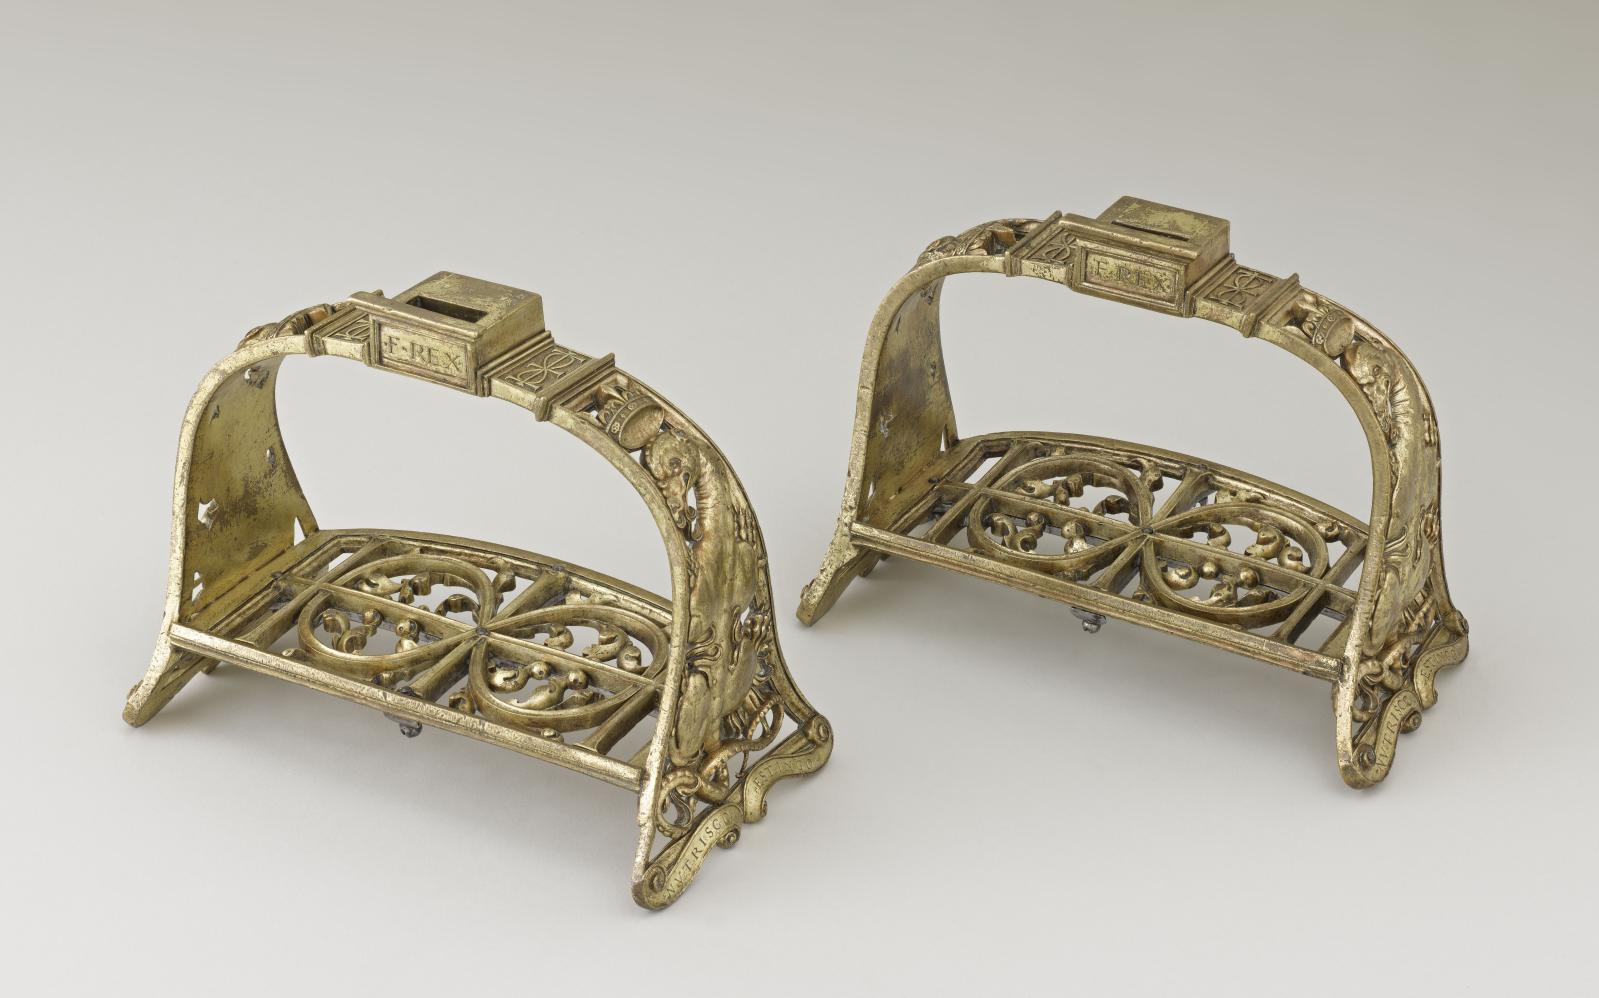 Paire d'étriers de parade de FrançoisIer, Paris, XVIe, bronze, dorure, 55x19,9cm, présentés au château de Chambord, dans le cadre des 40ans du mu